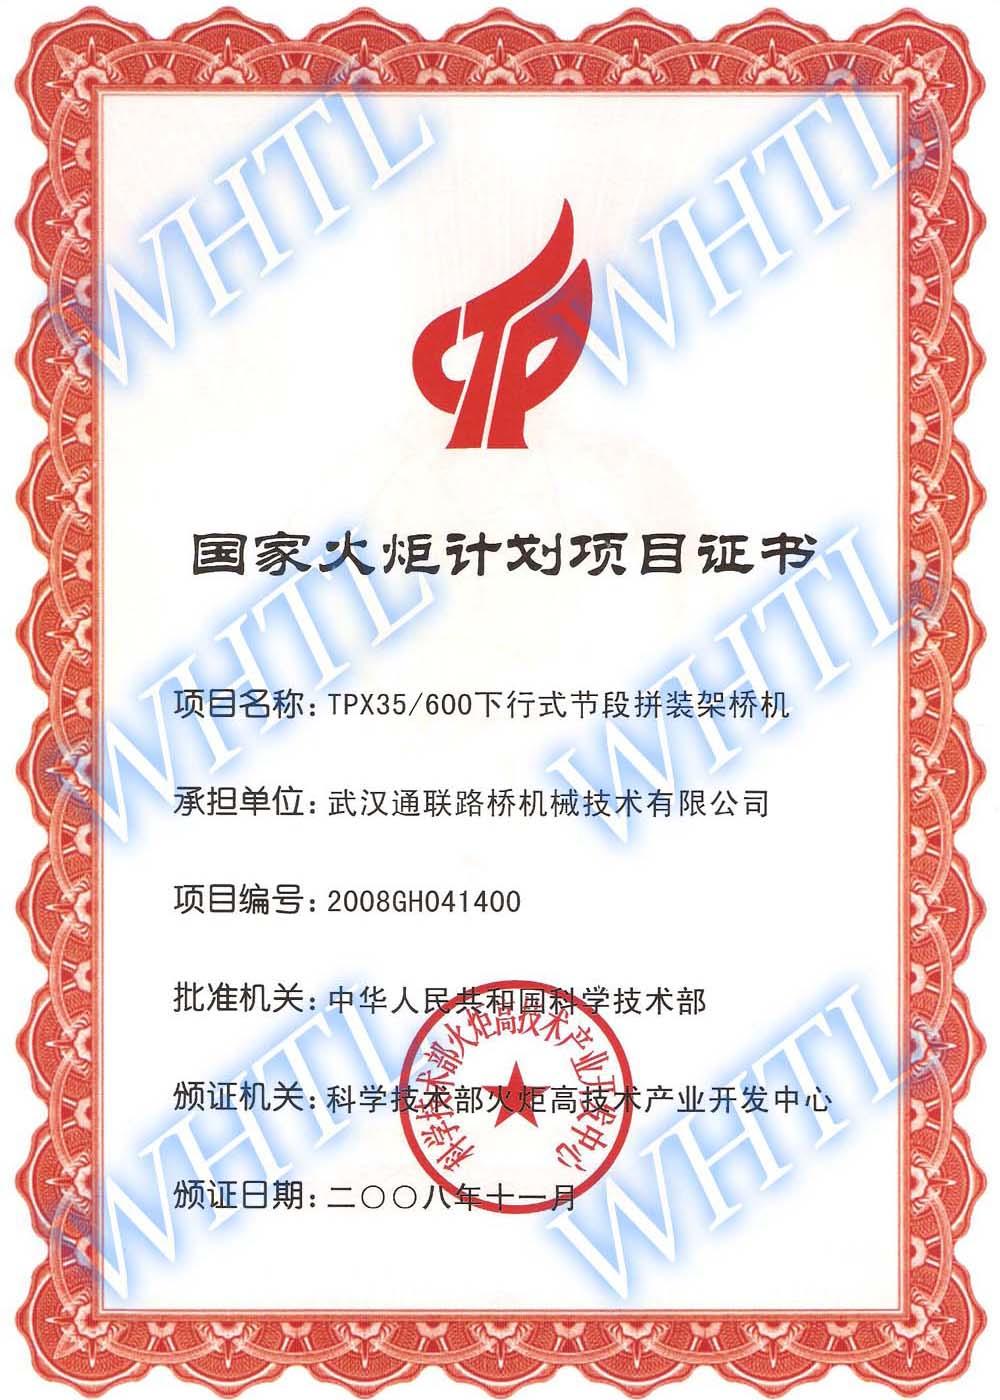 13. 火炬计划项目证书